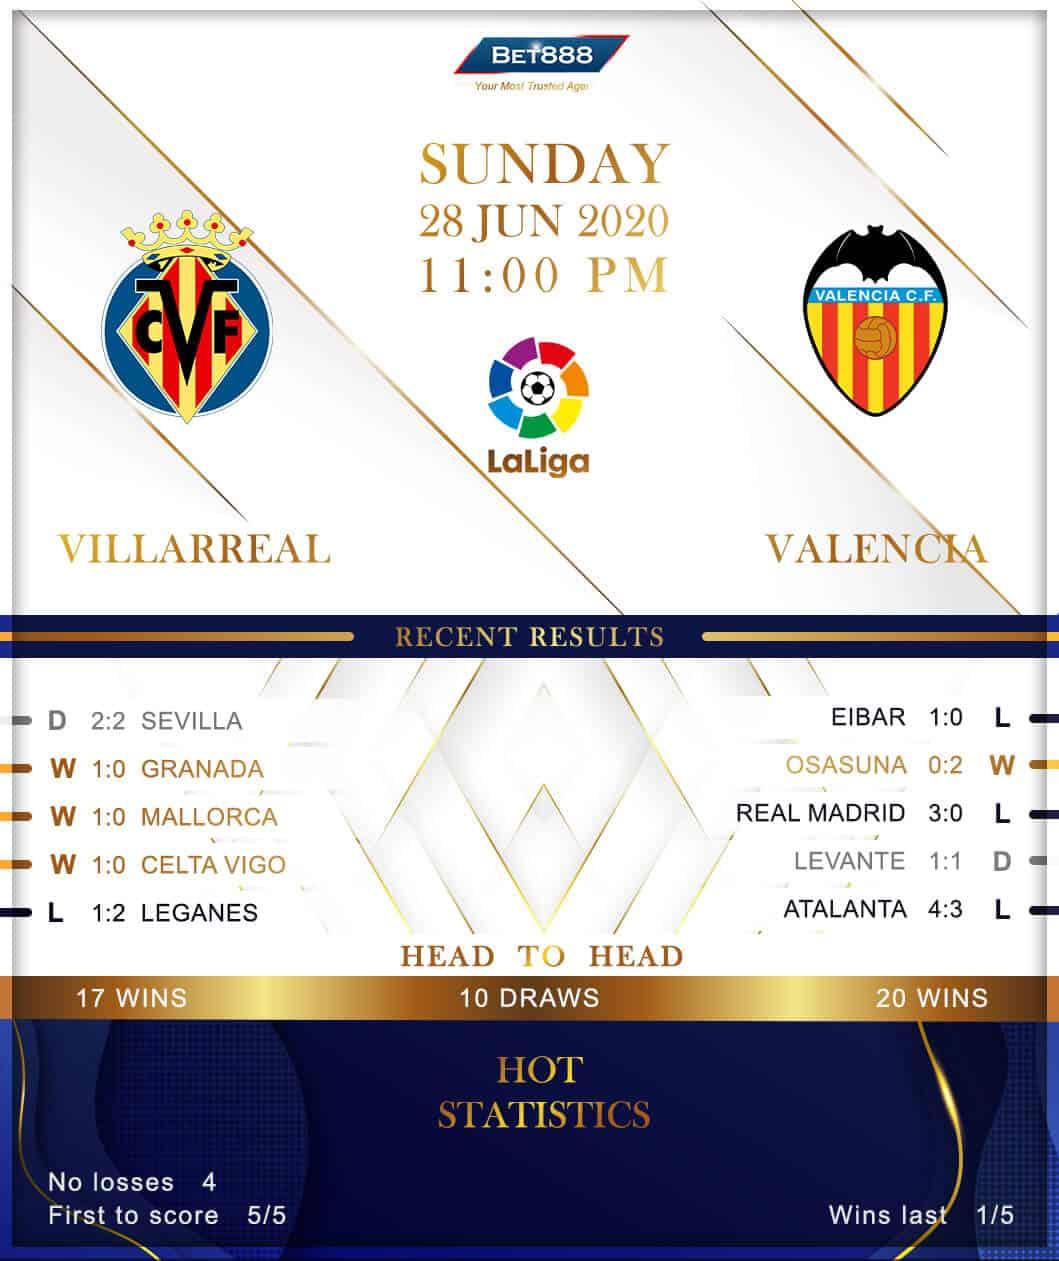 Villarreal vs  Valencia 28/06/20